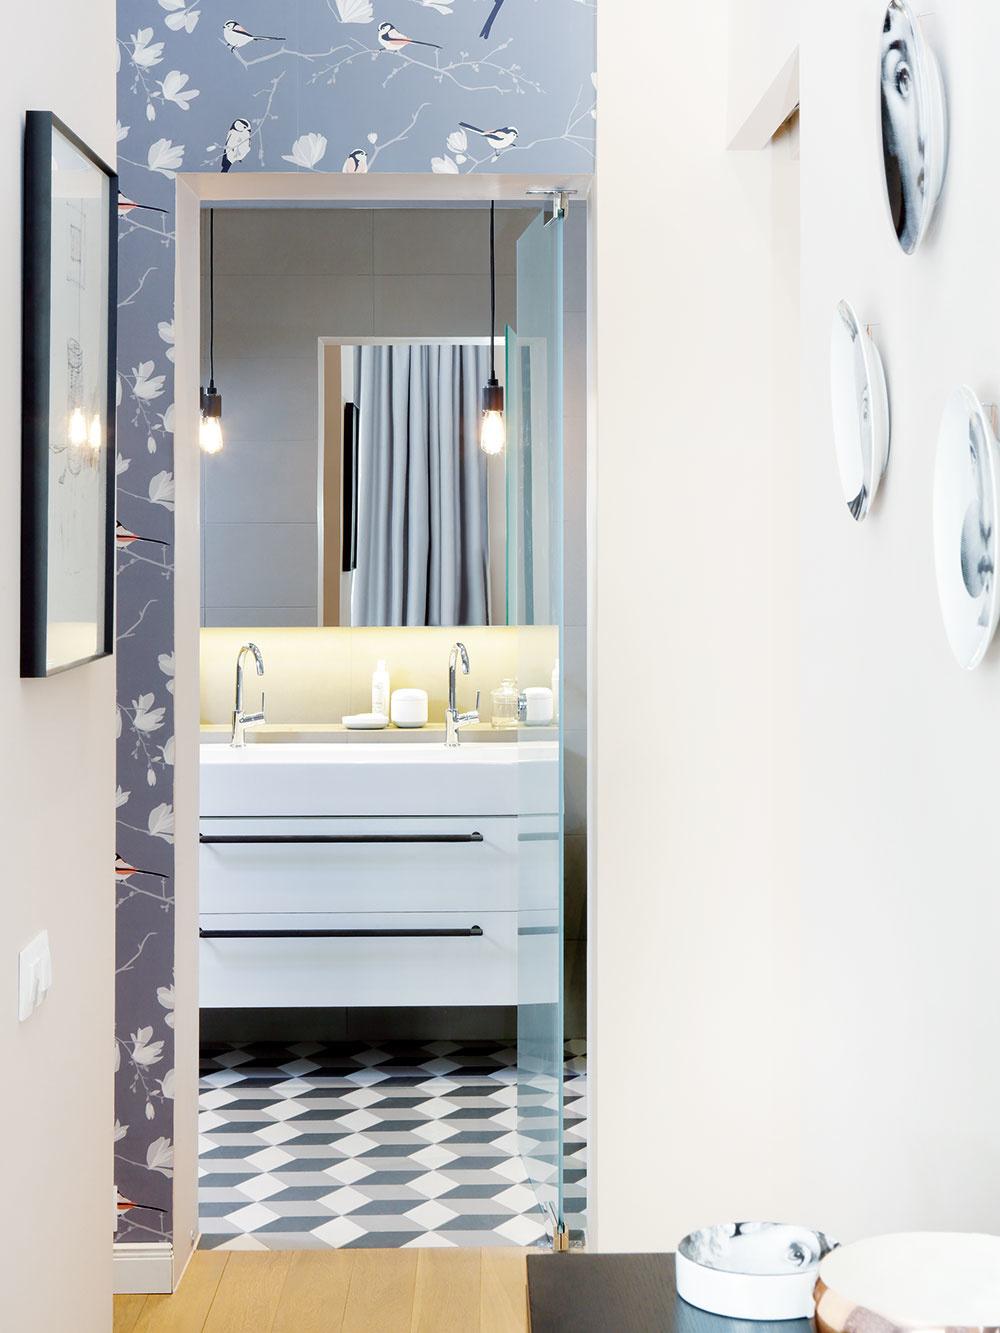 Dve spálne, dve kúpeľne. Do dispozície sa podarilo začleniť aj dve plnohodnotné, navyše veľmi elegantné kúpeľne (táto je prístupná z rodičovskej spálne) – vlastná kúpeľňa prislúcha ako spálni, tak aj detskej izbe.